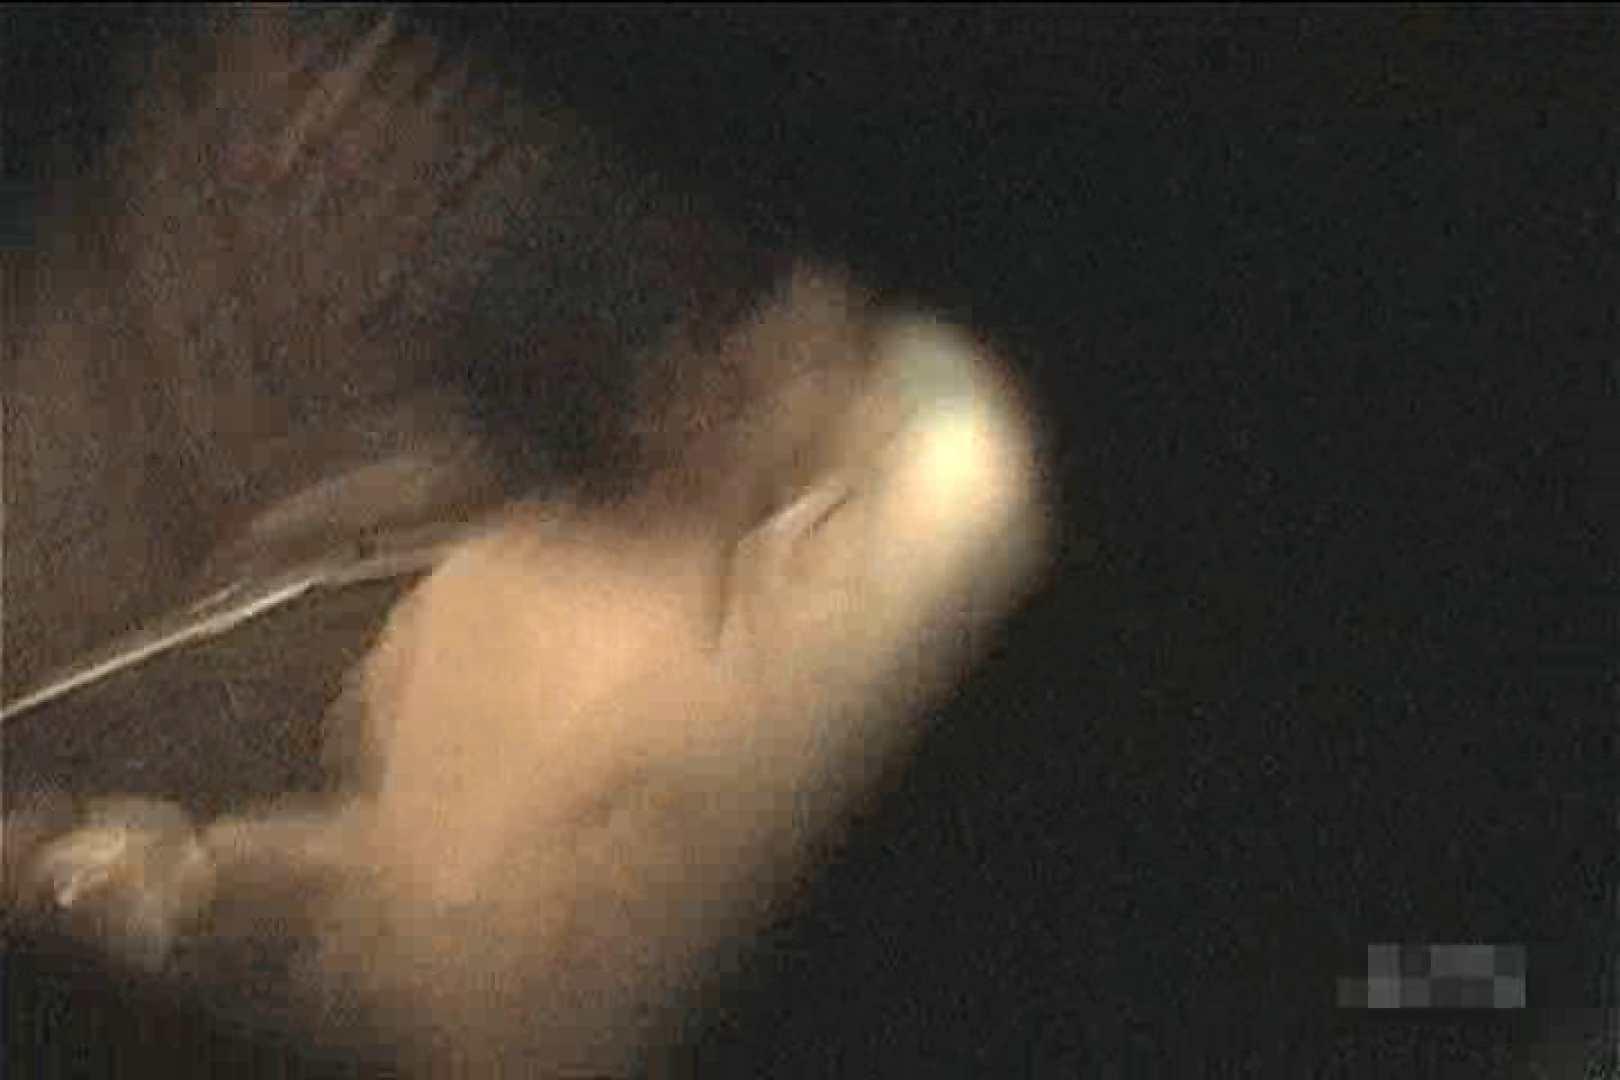 激撮ストーカー記録あなたのお宅拝見しますVol.8 民家 盗み撮り動画キャプチャ 100画像 19